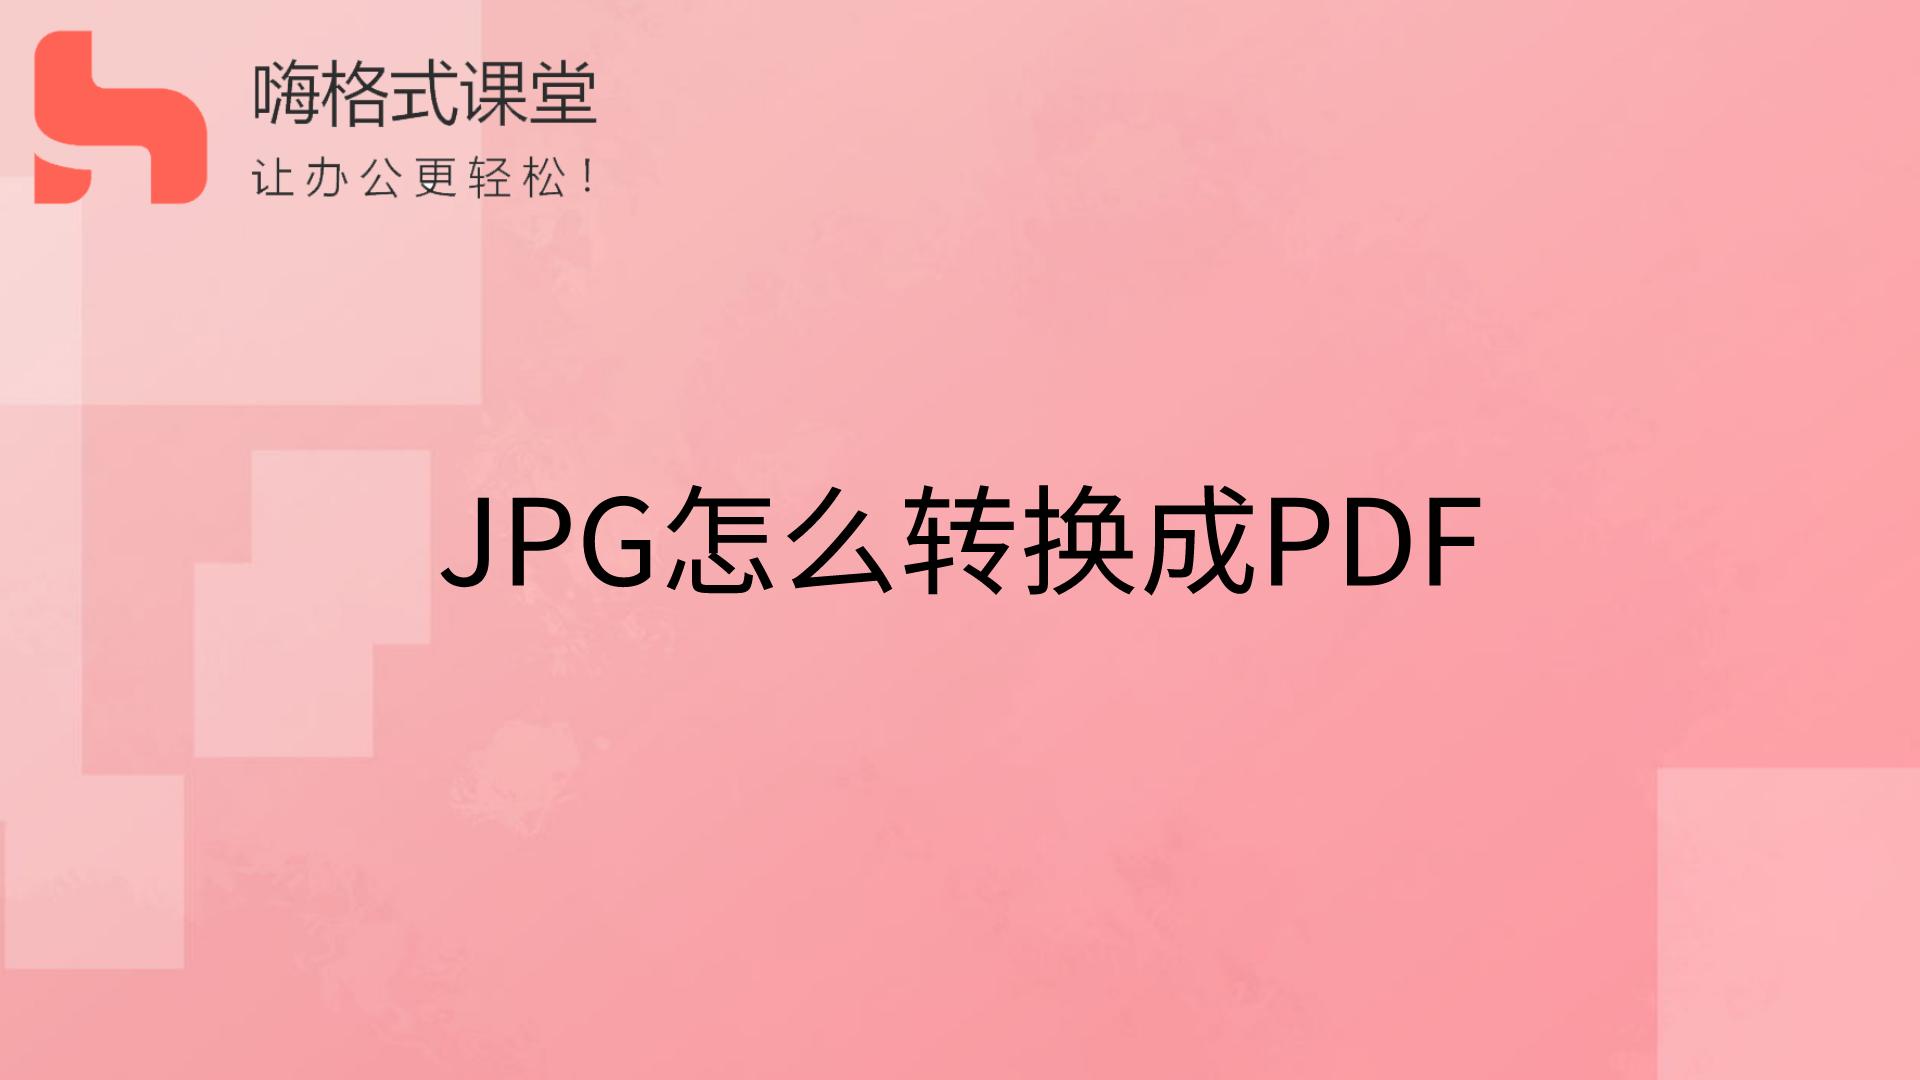 JPG怎么转换成PDF